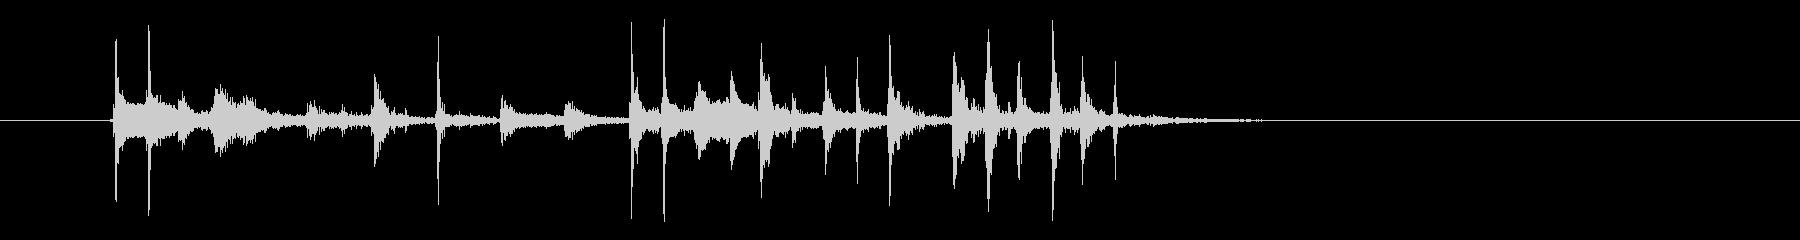 シンプルなテクノの不思議な音色のジングルの未再生の波形